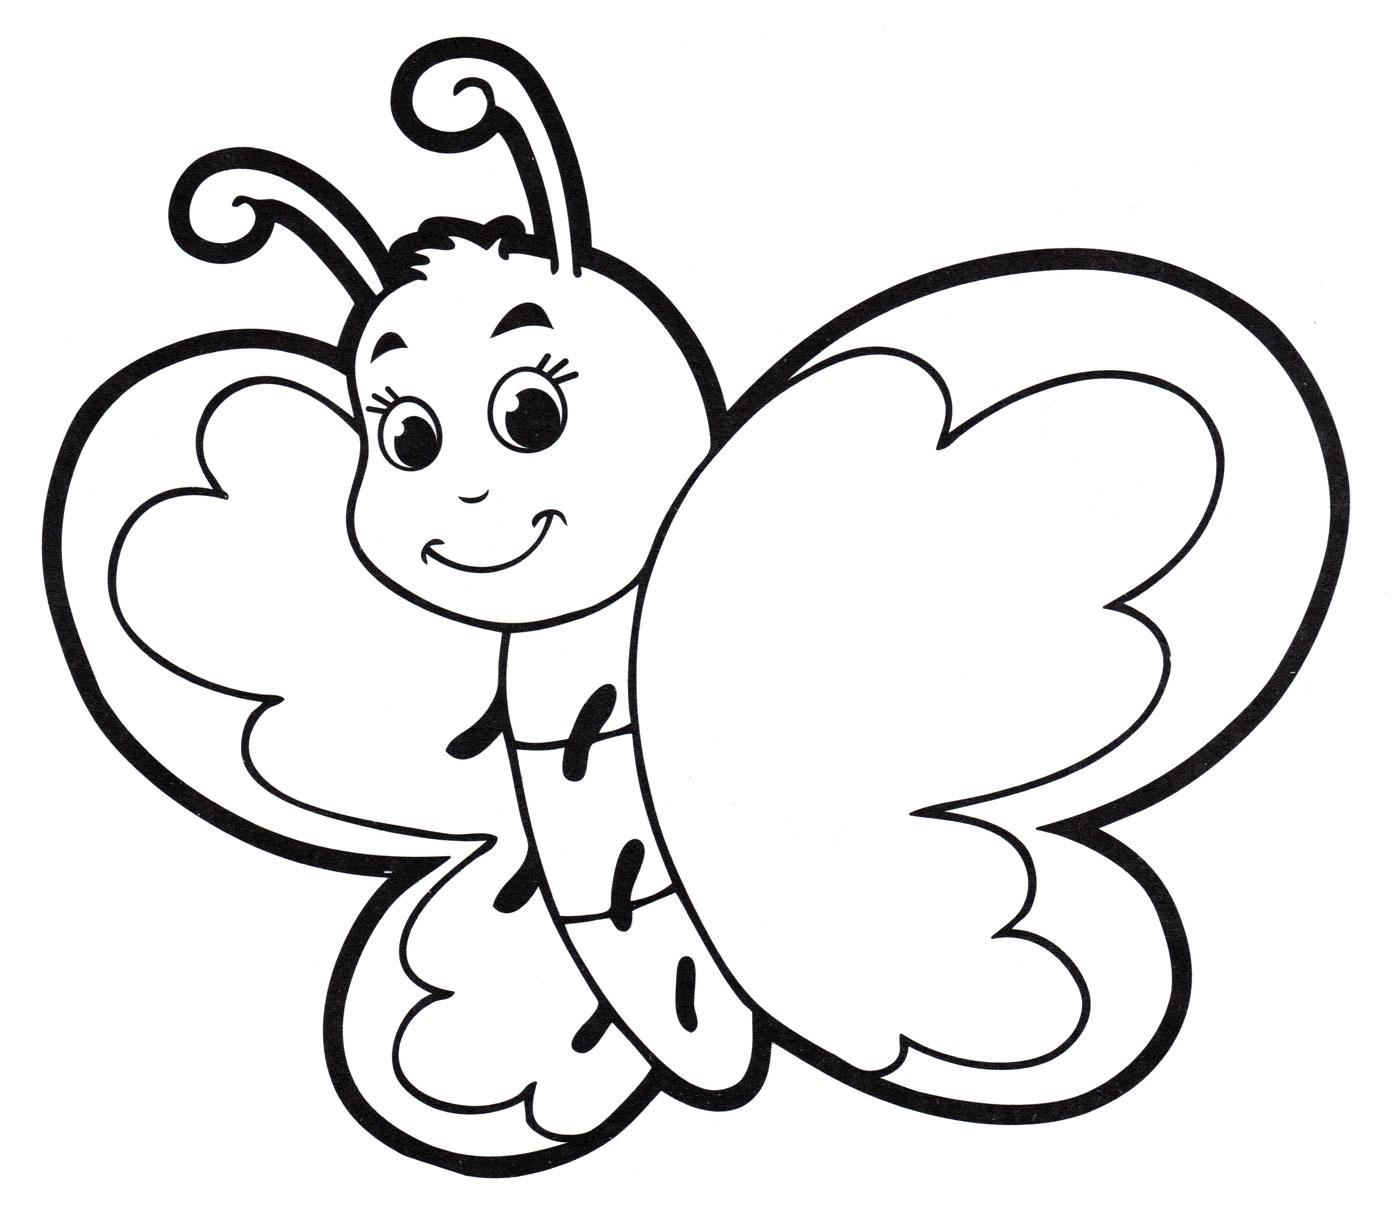 Раскраска Милая бабочка - распечатать бесплатно